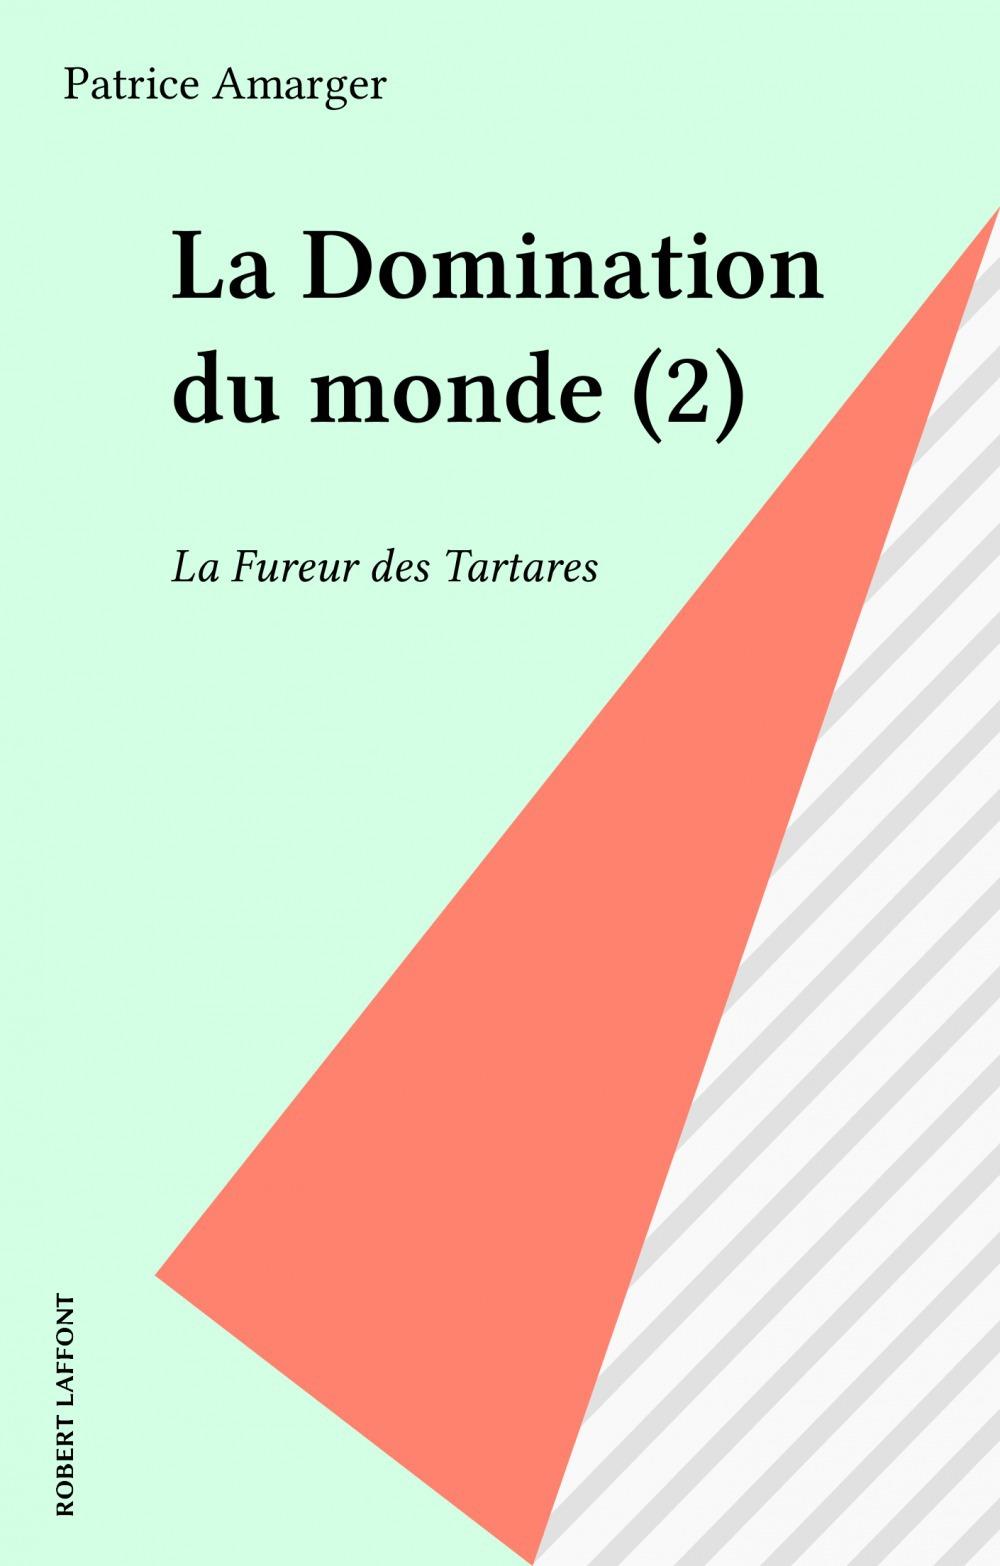 La Domination du monde (2)  - Patrice Amarger